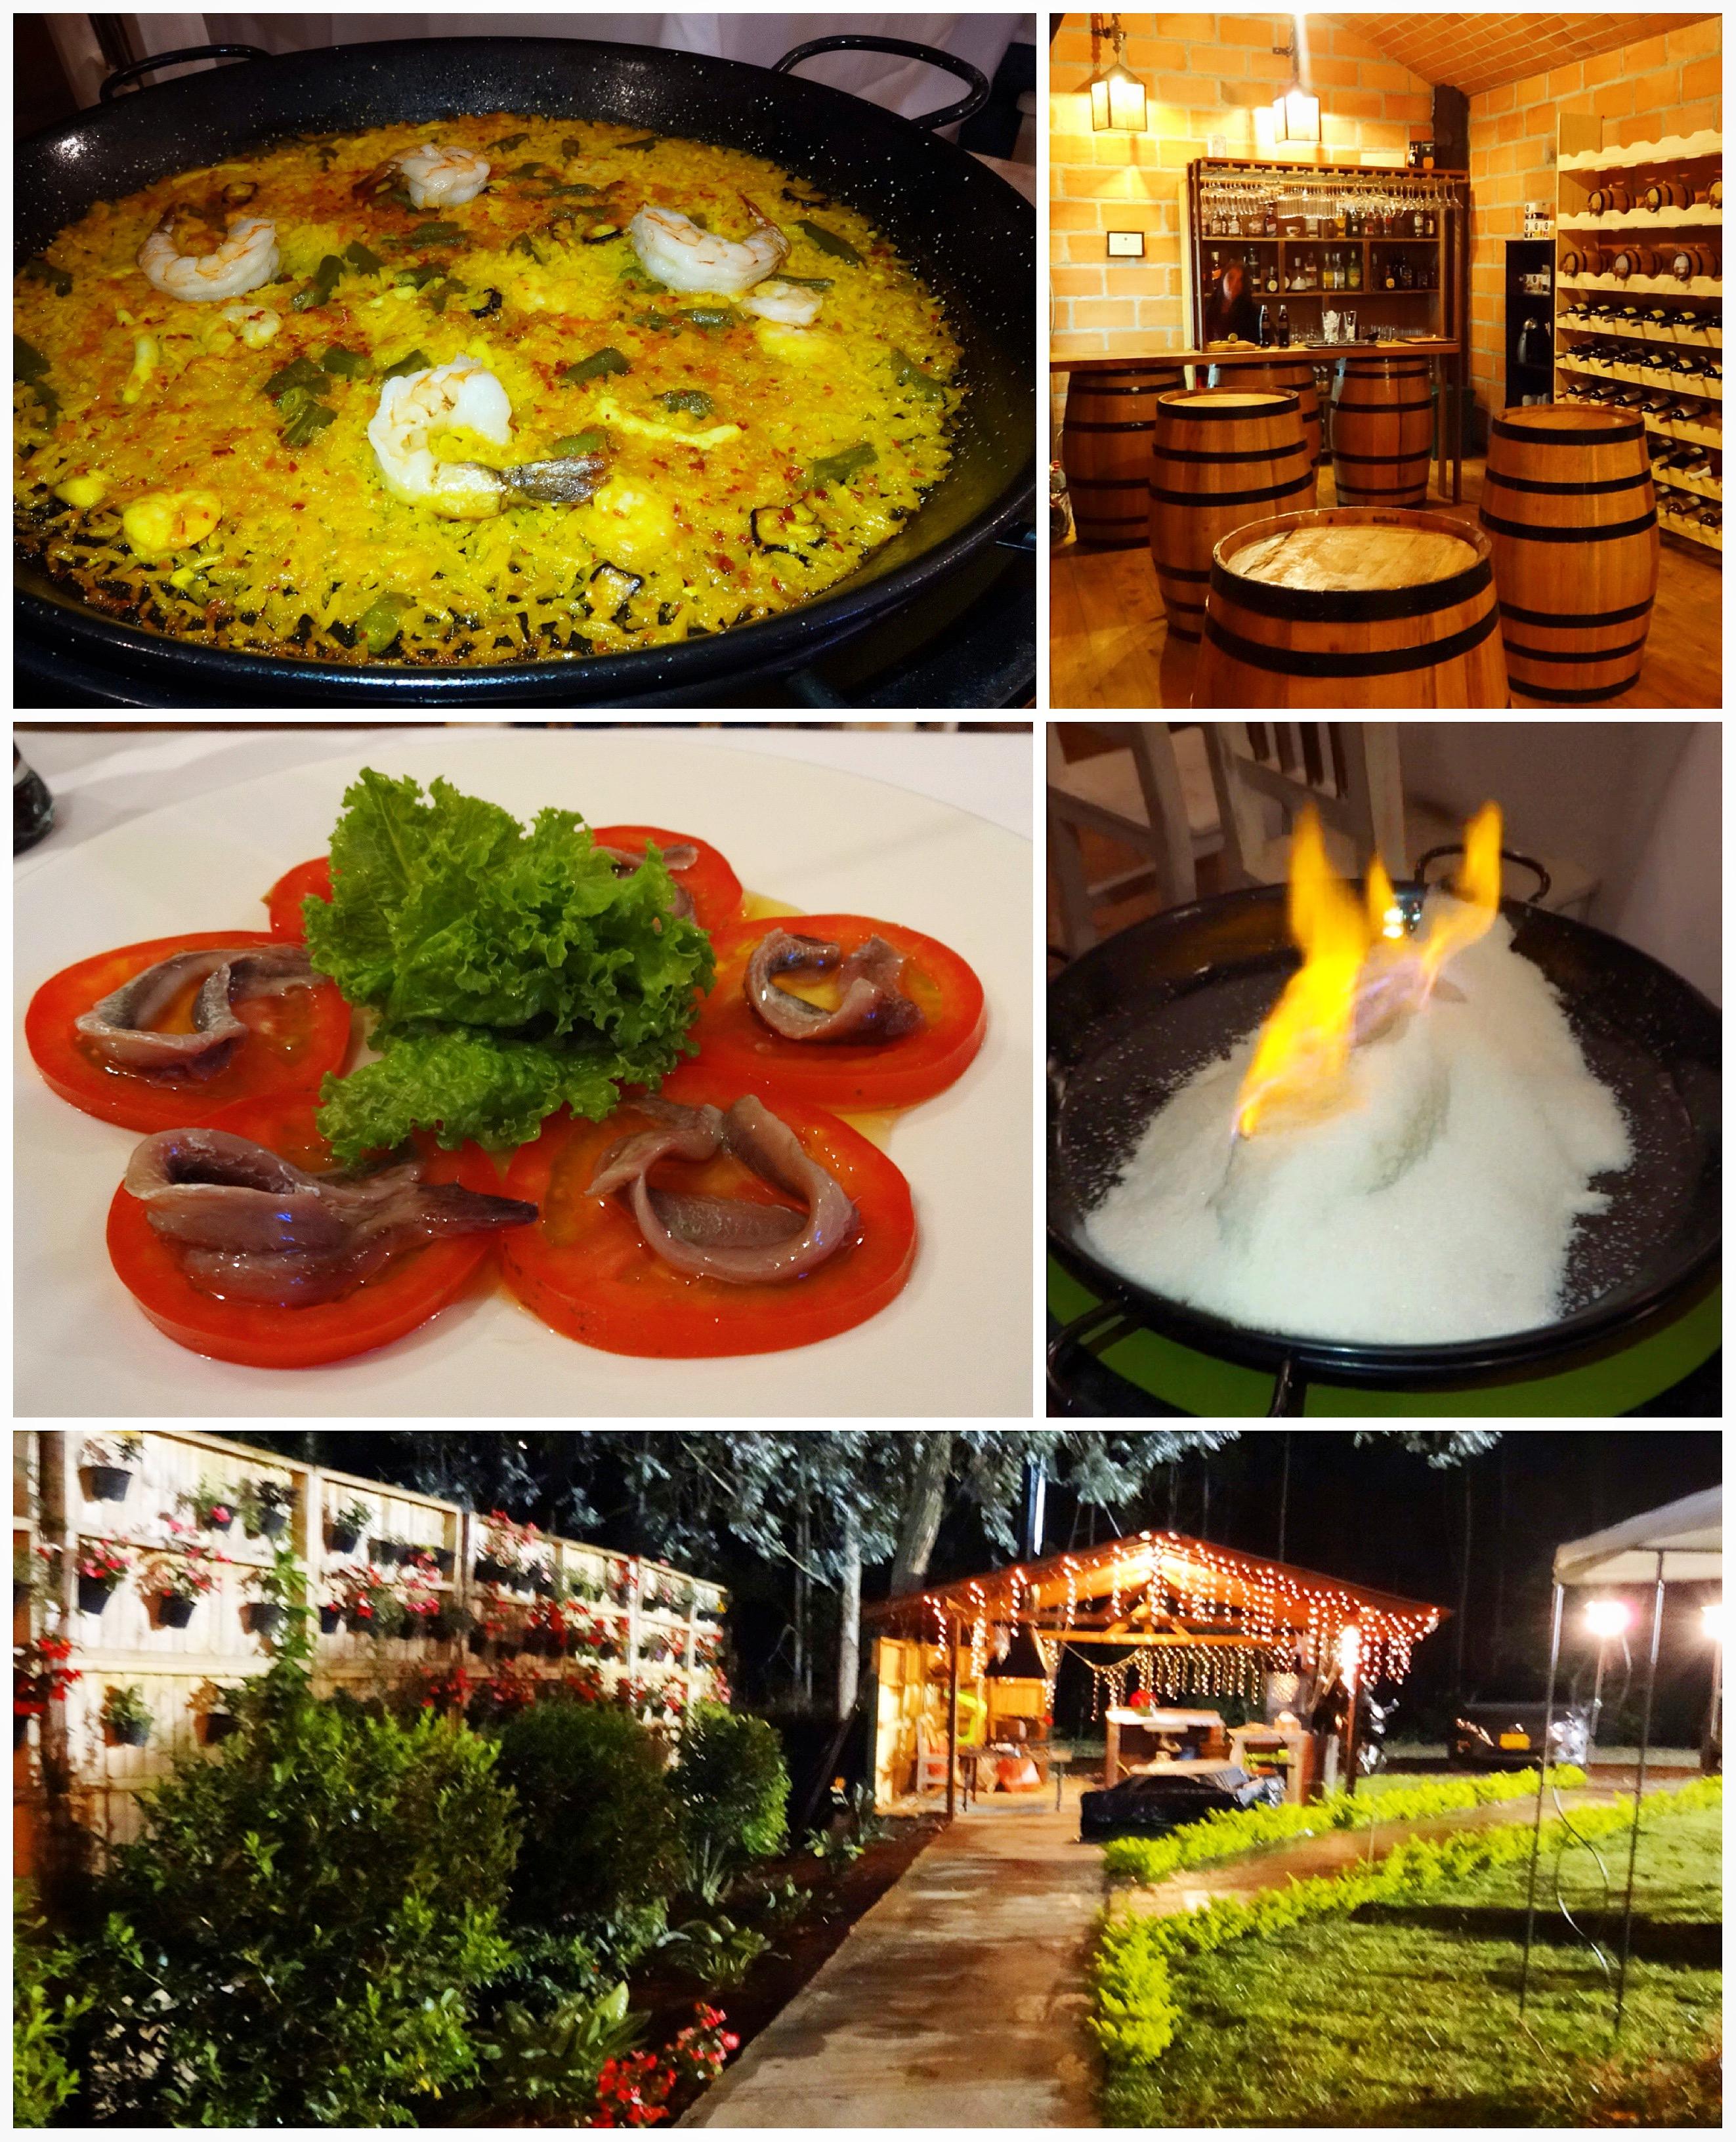 cocina española en llanogrande   TULIO Recomienda \